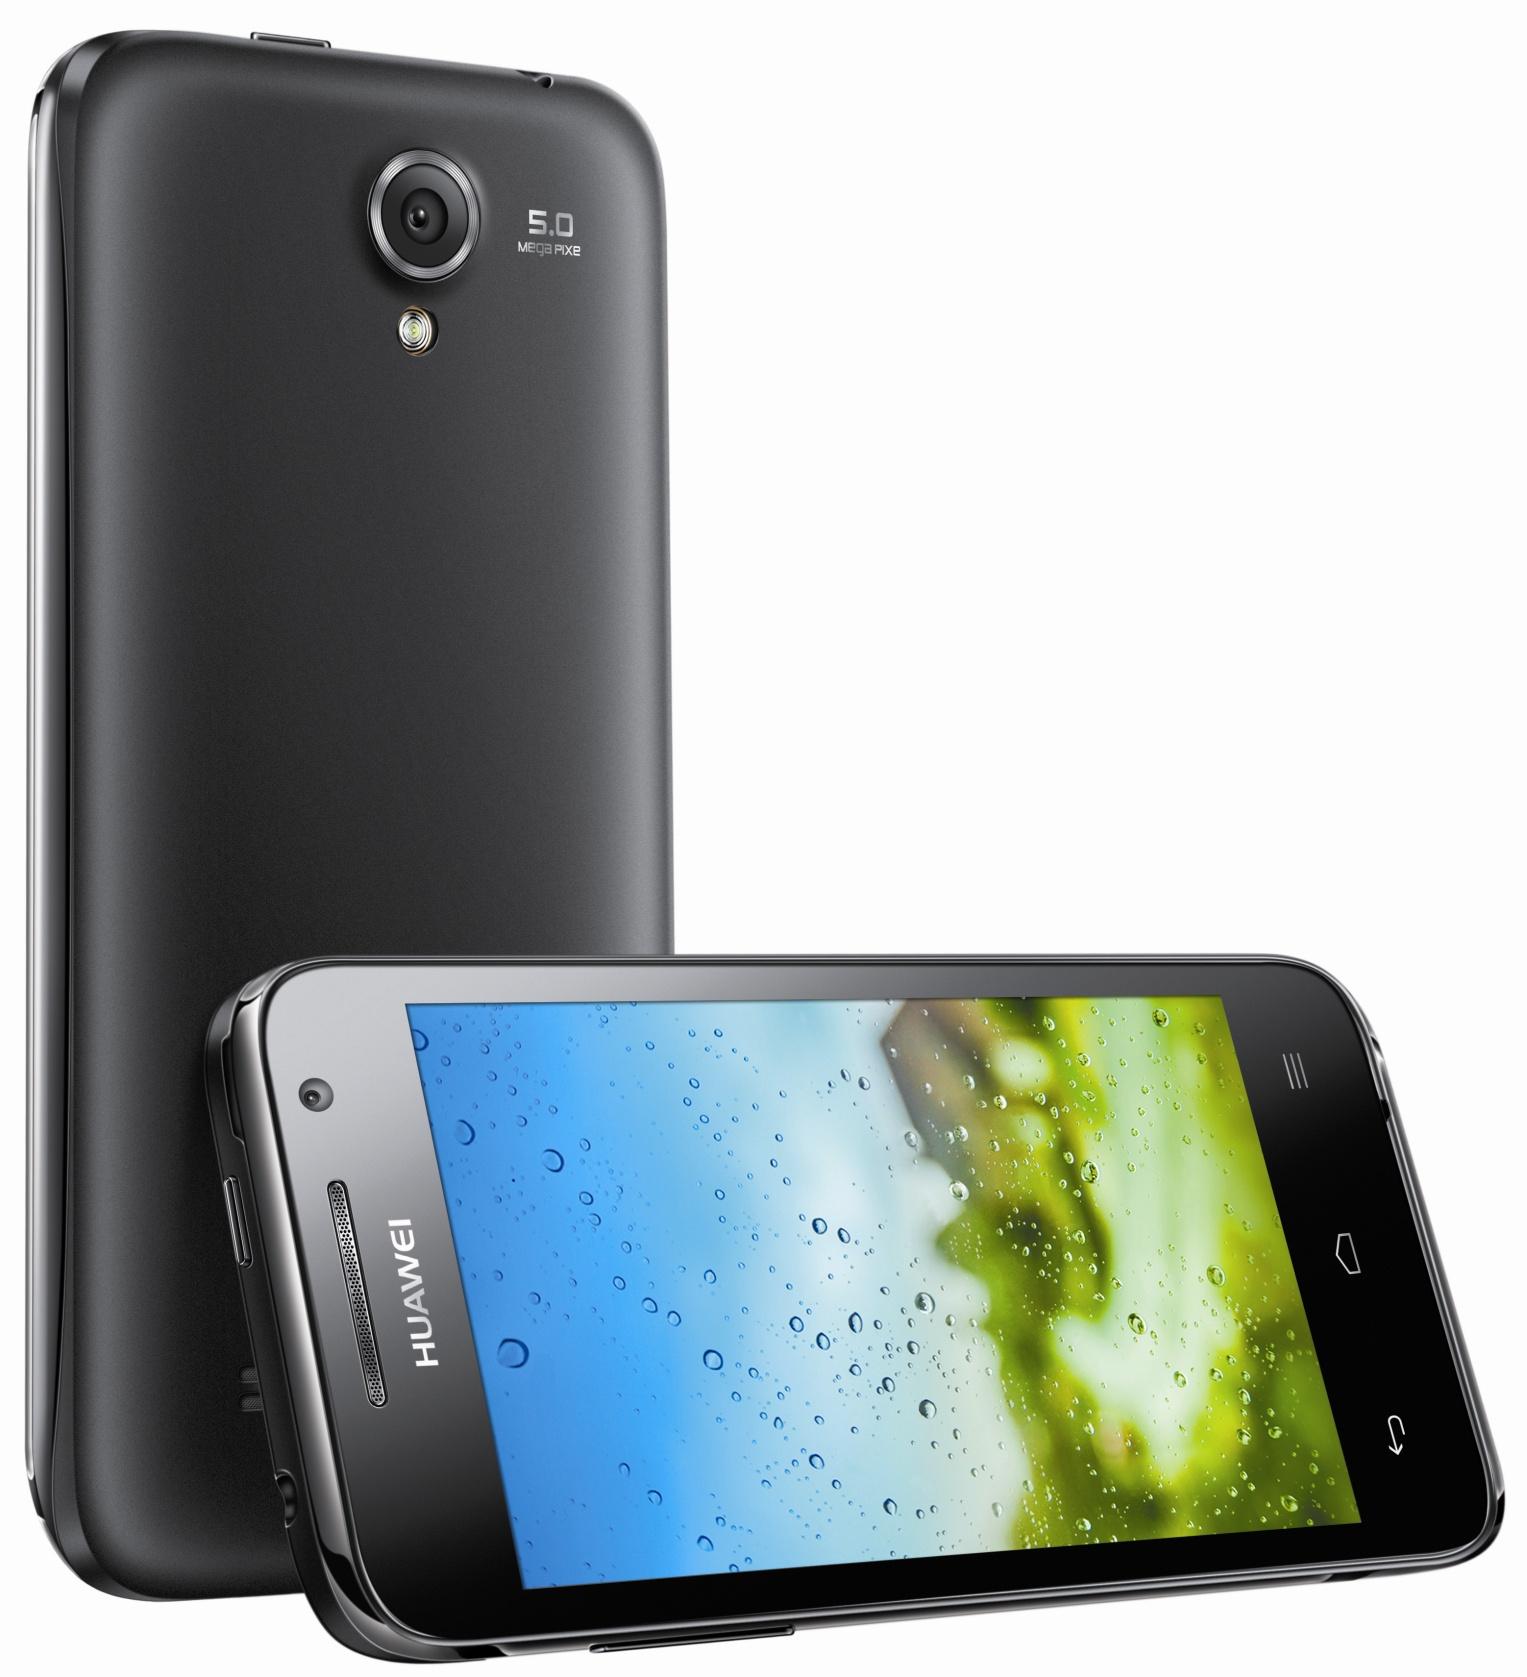 Huawei Ascend G 330: Android-Smartphone mit 4-Zoll-Display für unter 190 Euro - Das Huawei Ascend G 330 (Bild: Huawei)